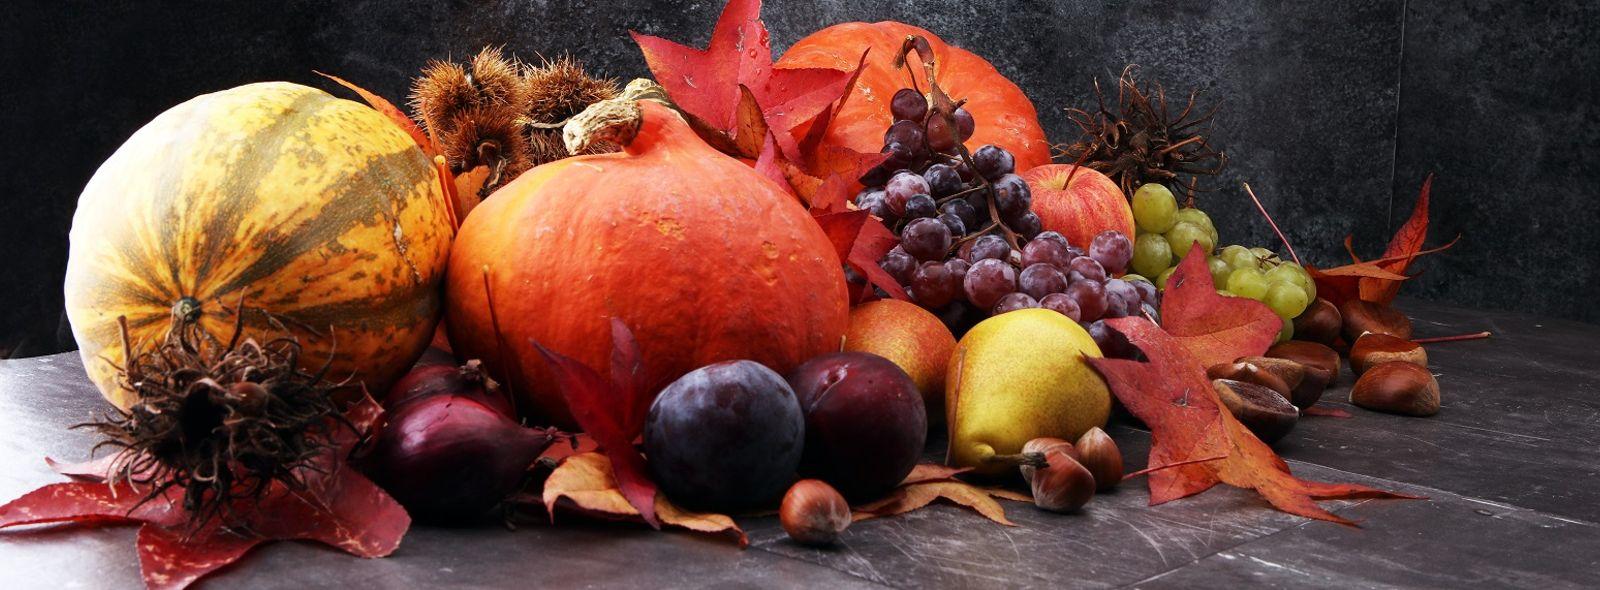 Risultati immagini per frutti autunnali